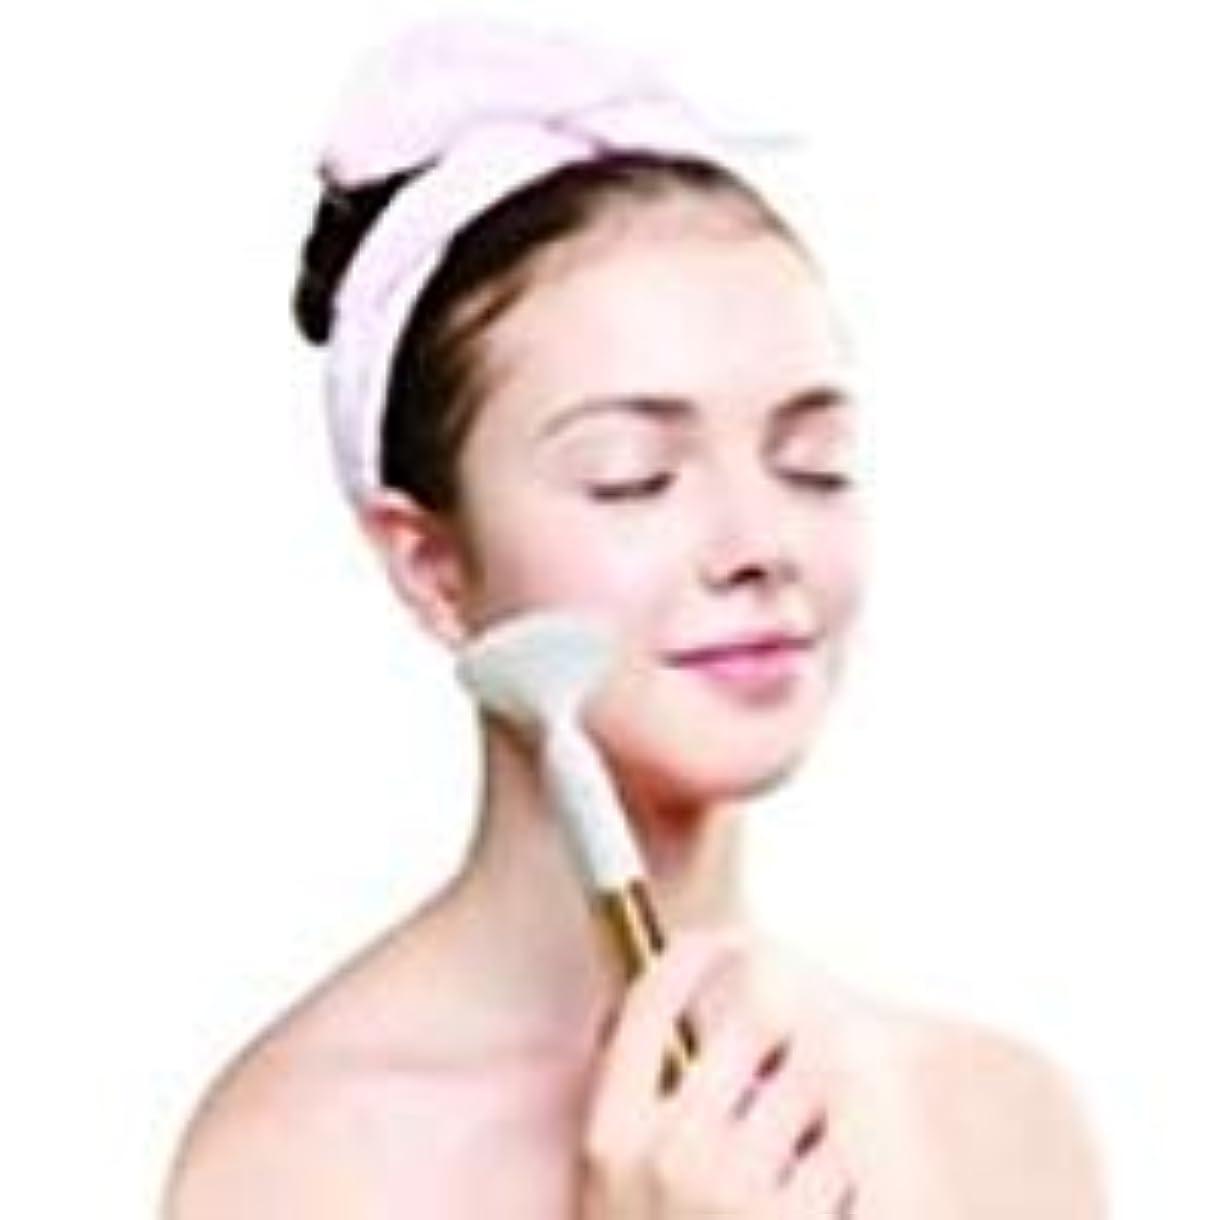 オセアニアレバー請求書お風呂で美顔 洗顔 防水洗顔 ブラシ FREYA フレイヤ (ゴールド)